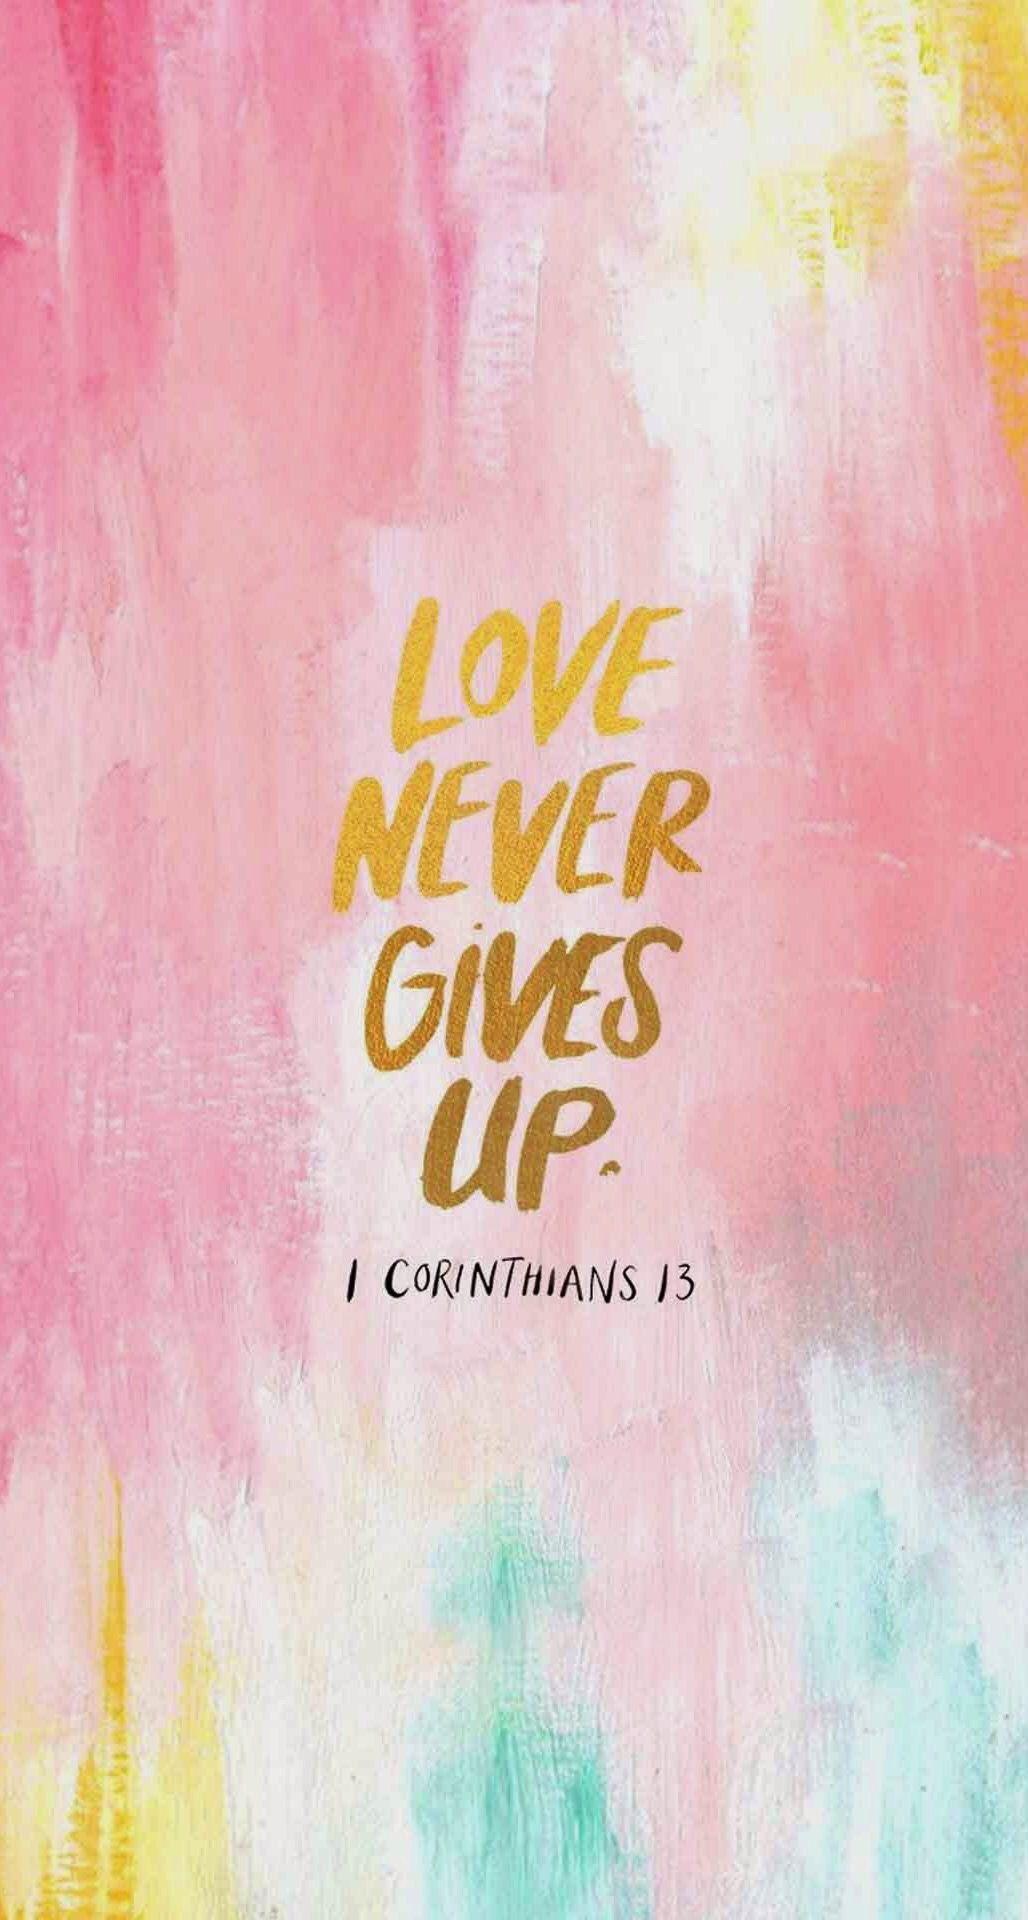 Love never gives up agape l ve pinterest verses - Fotos de ordenadores ...